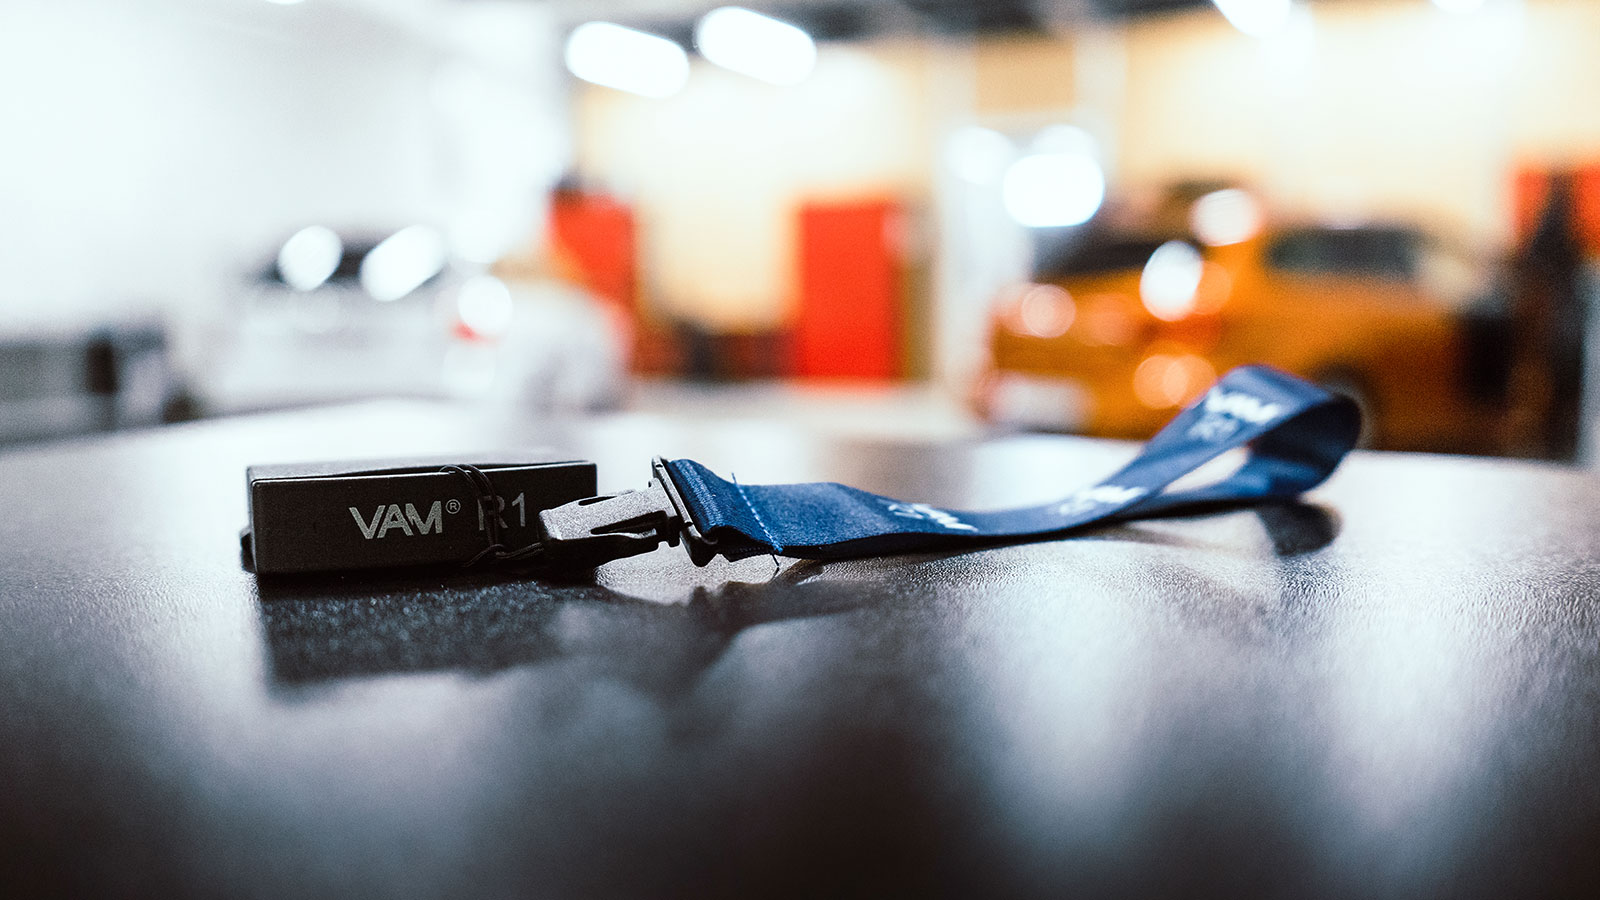 Zabezpečovací systém VAM R1